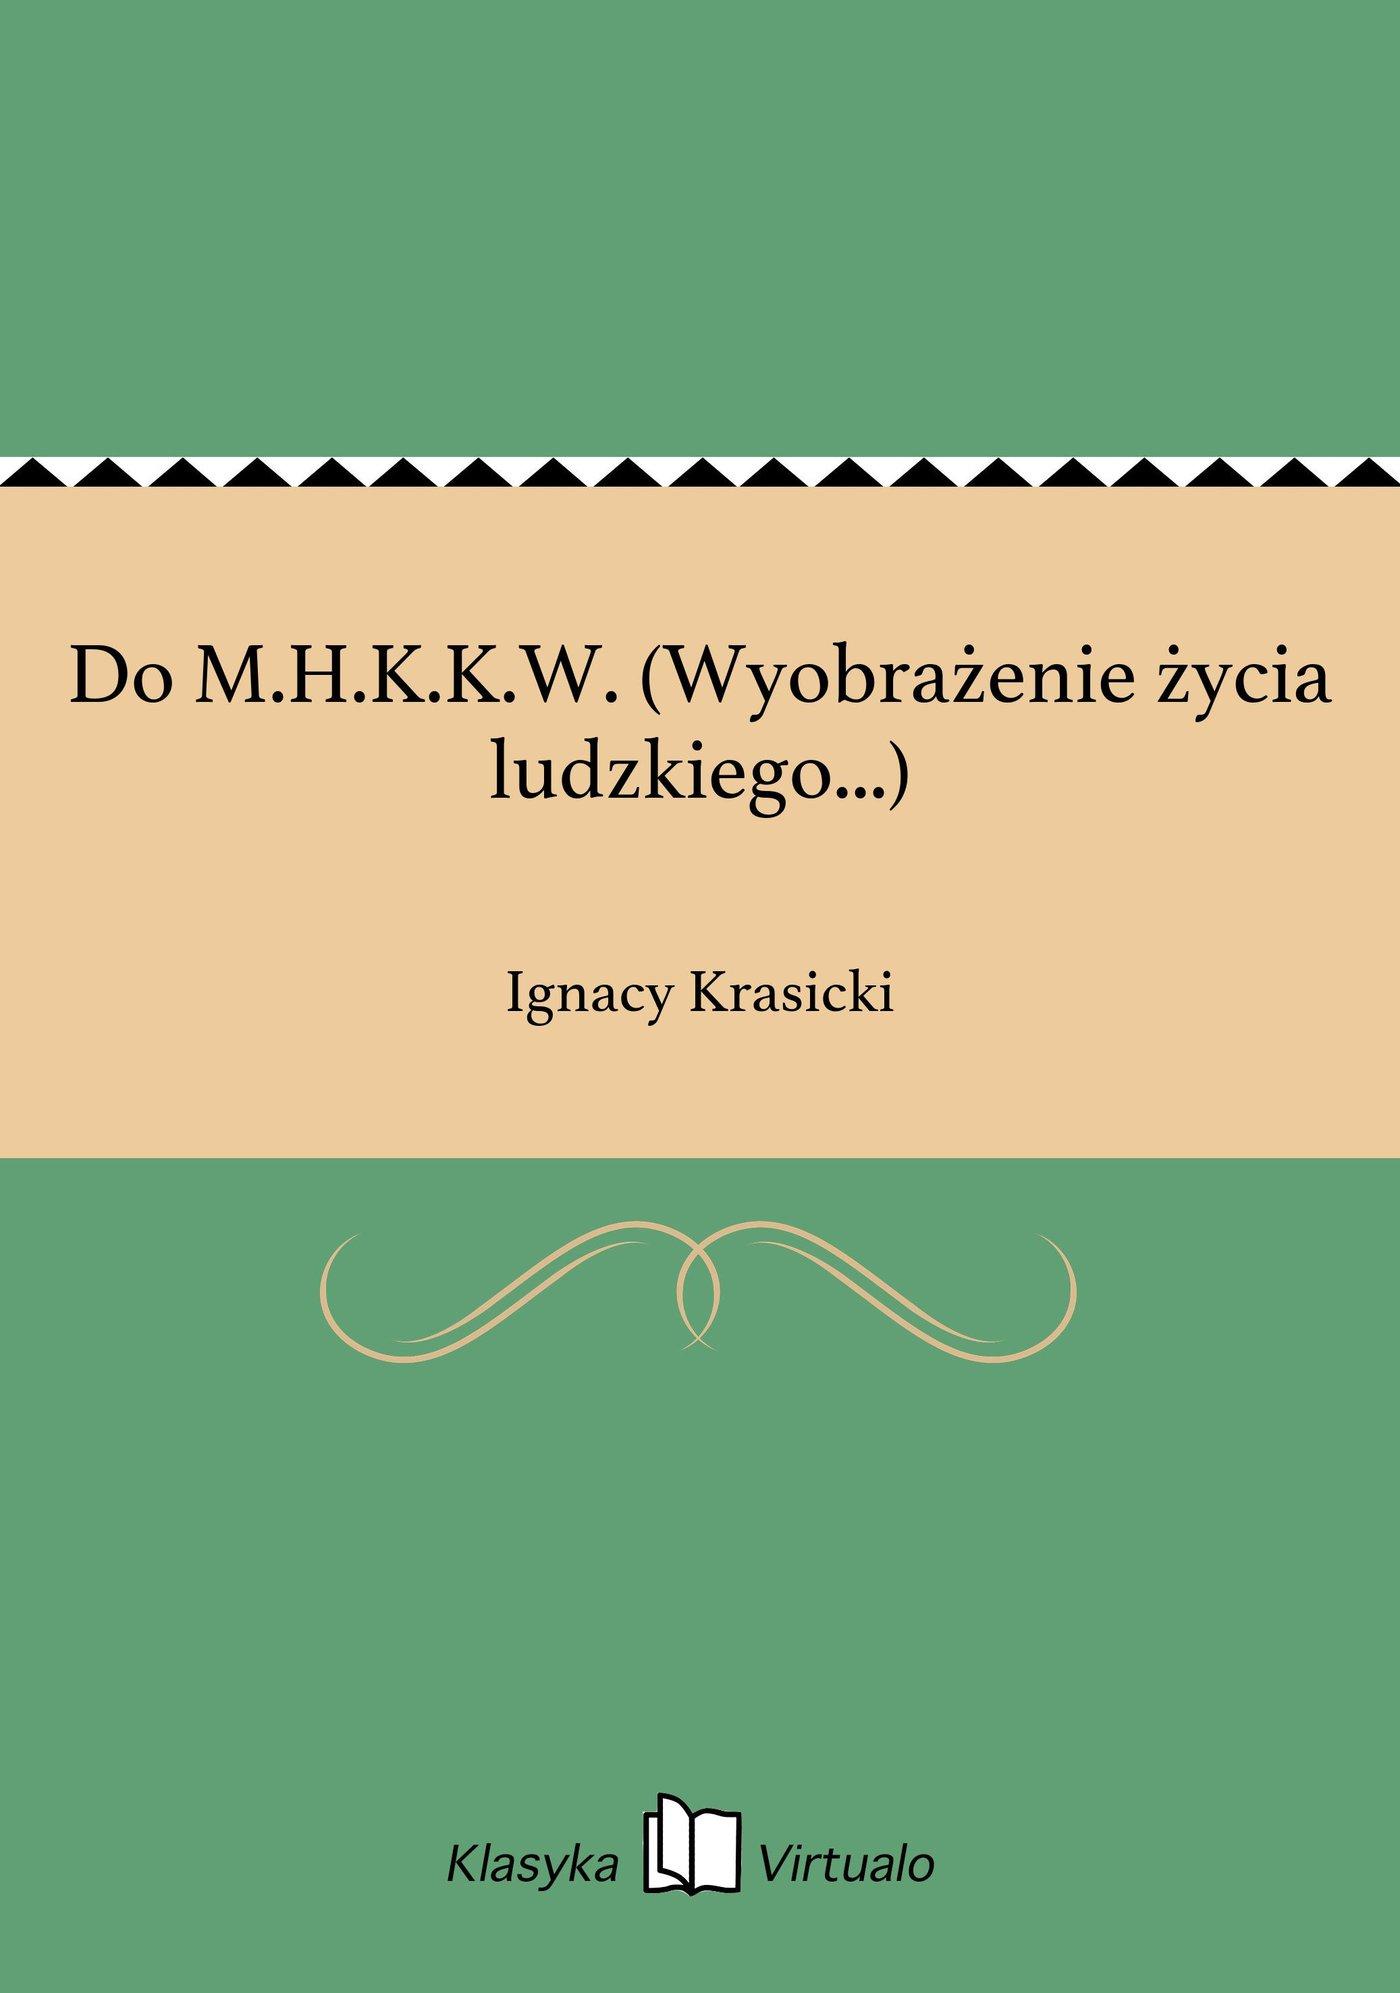 Do M.H.K.K.W. (Wyobrażenie życia ludzkiego...) - Ebook (Książka EPUB) do pobrania w formacie EPUB